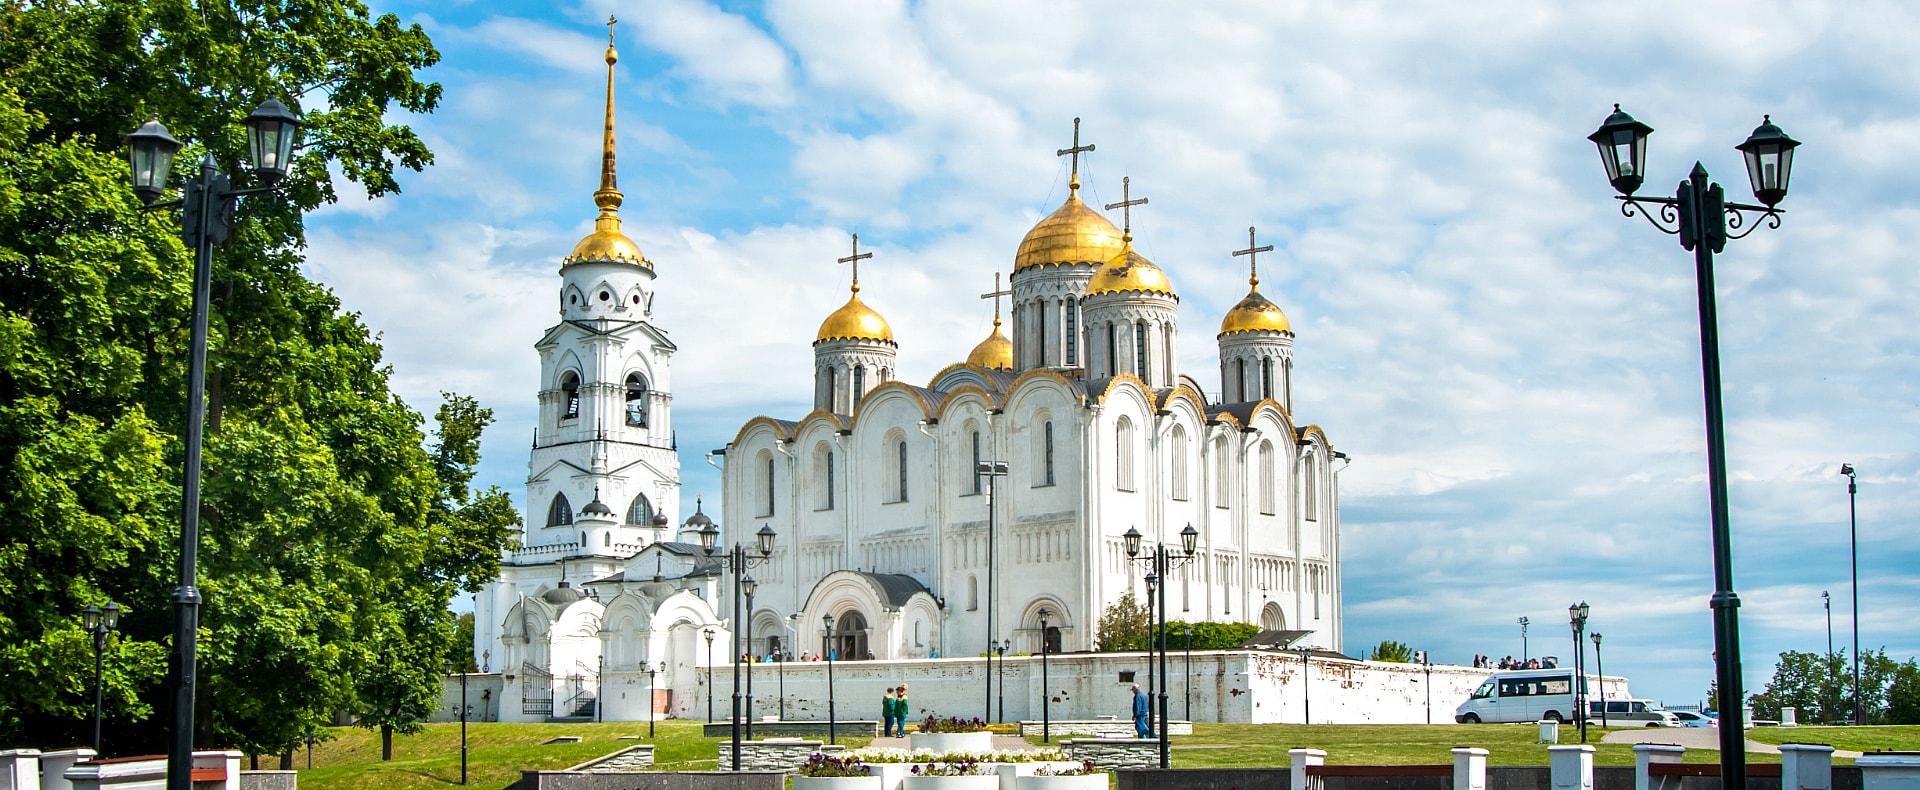 Vladimir Sight Gallery